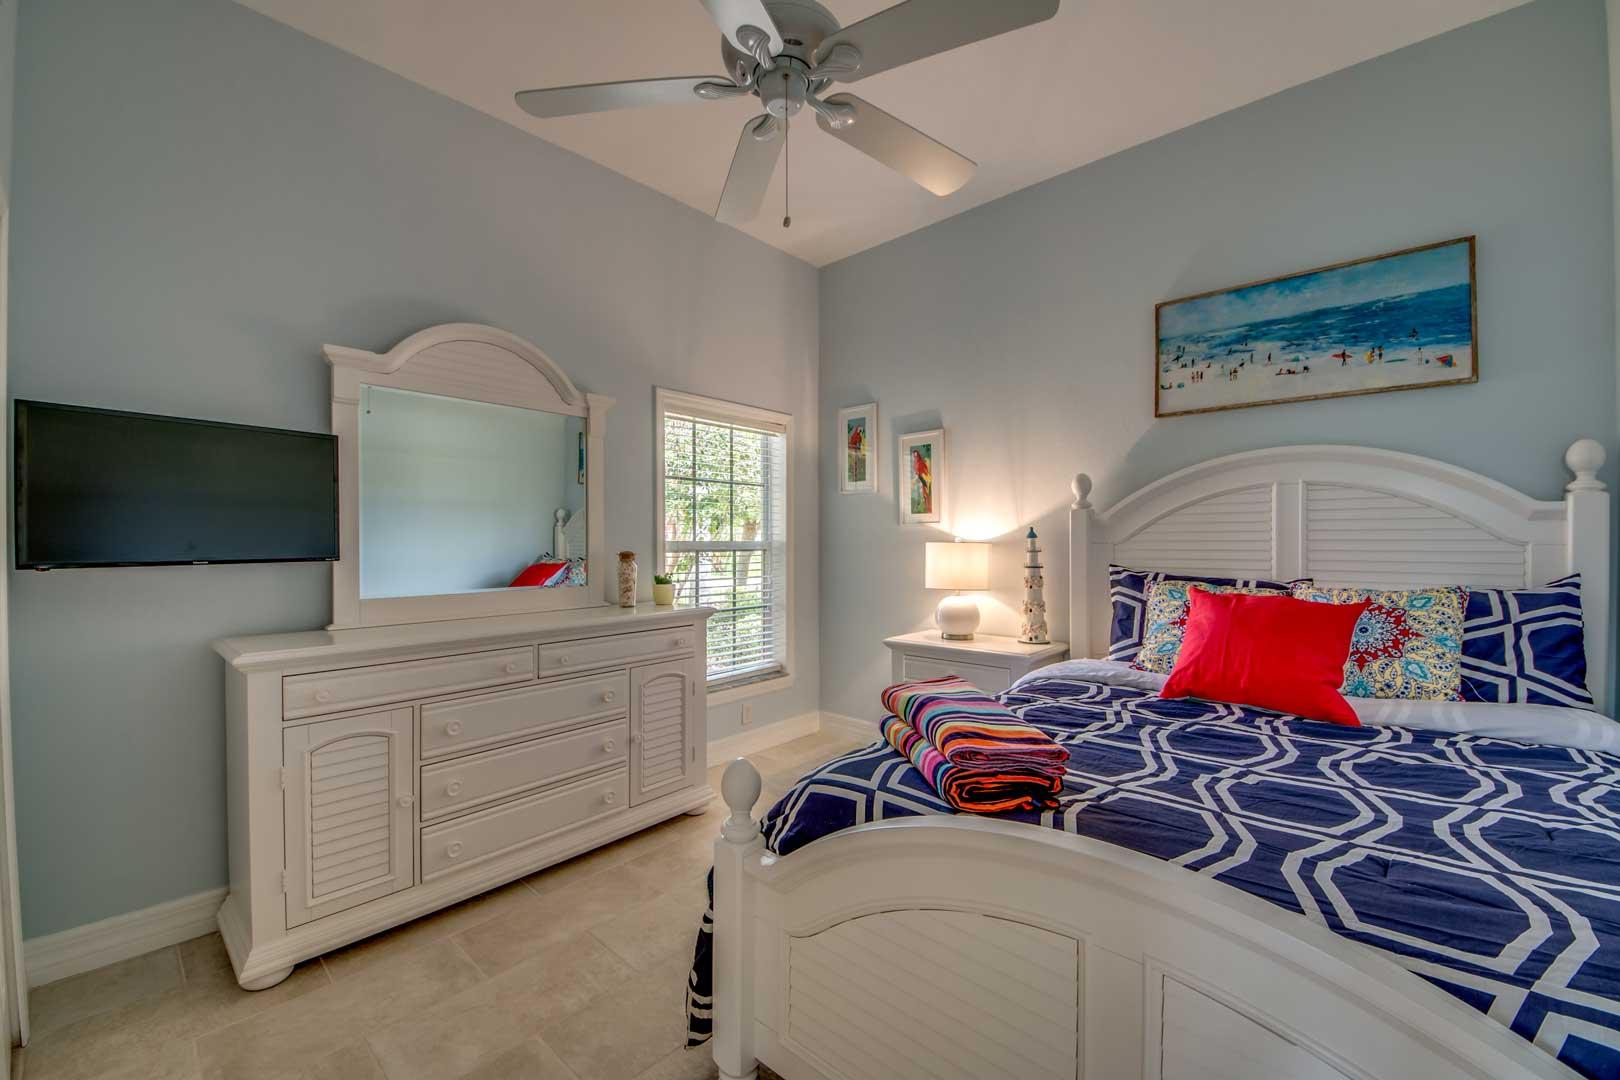 2nd Guest Bedroom Casa Bonita